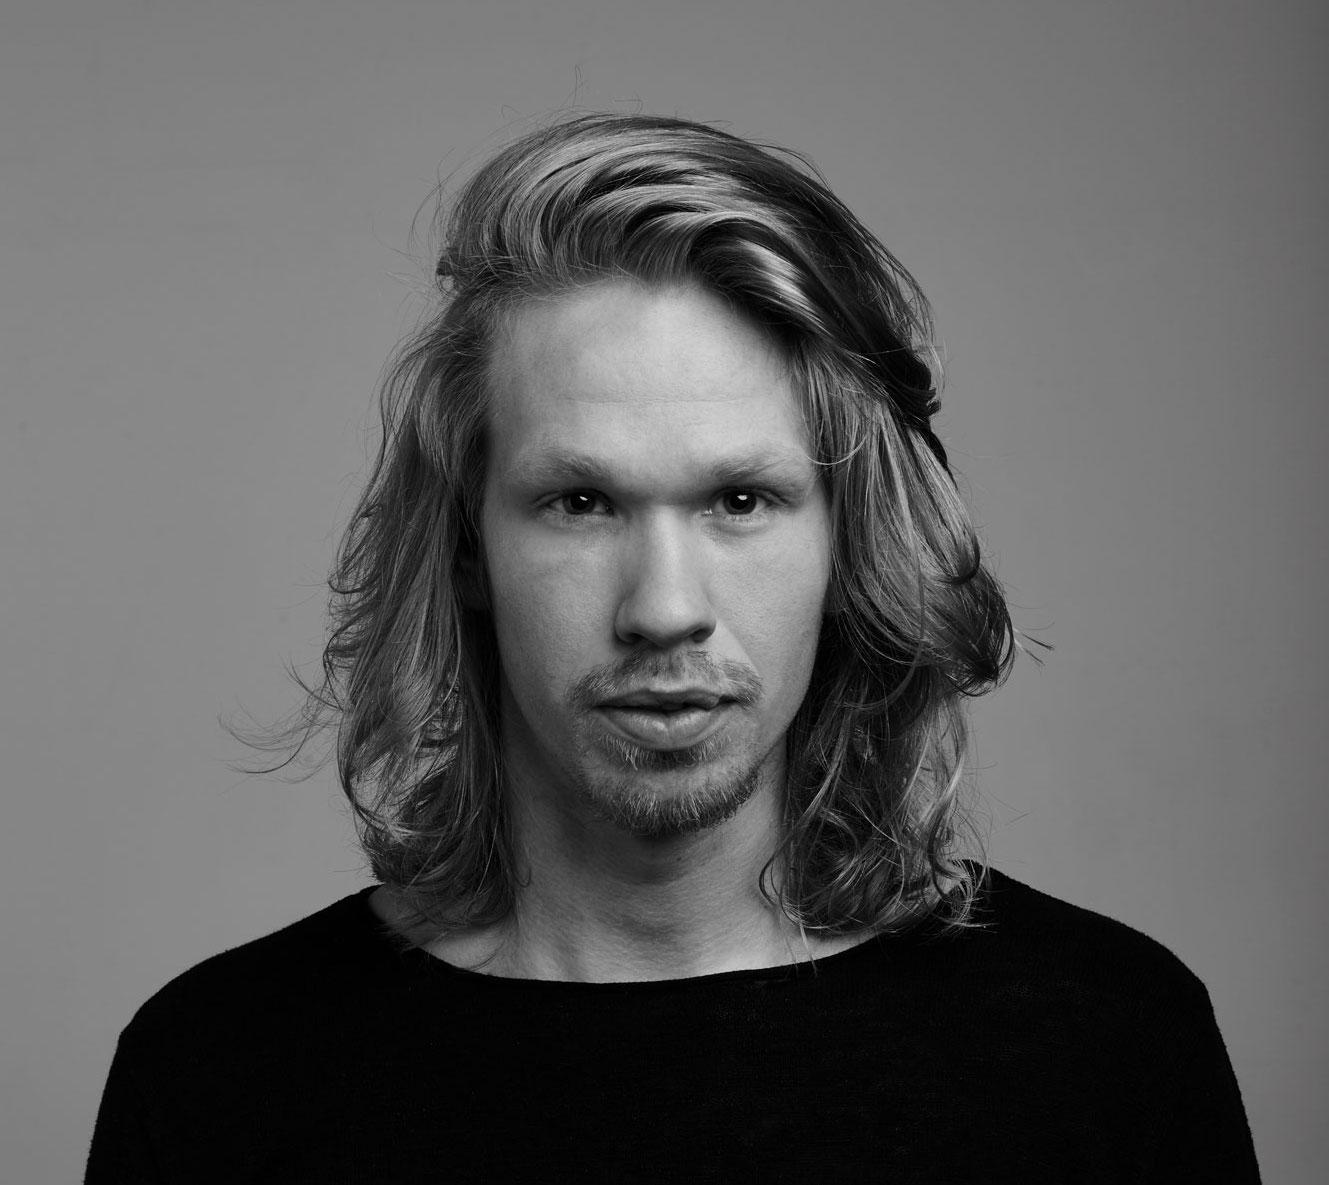 Rufus van Baardwijk